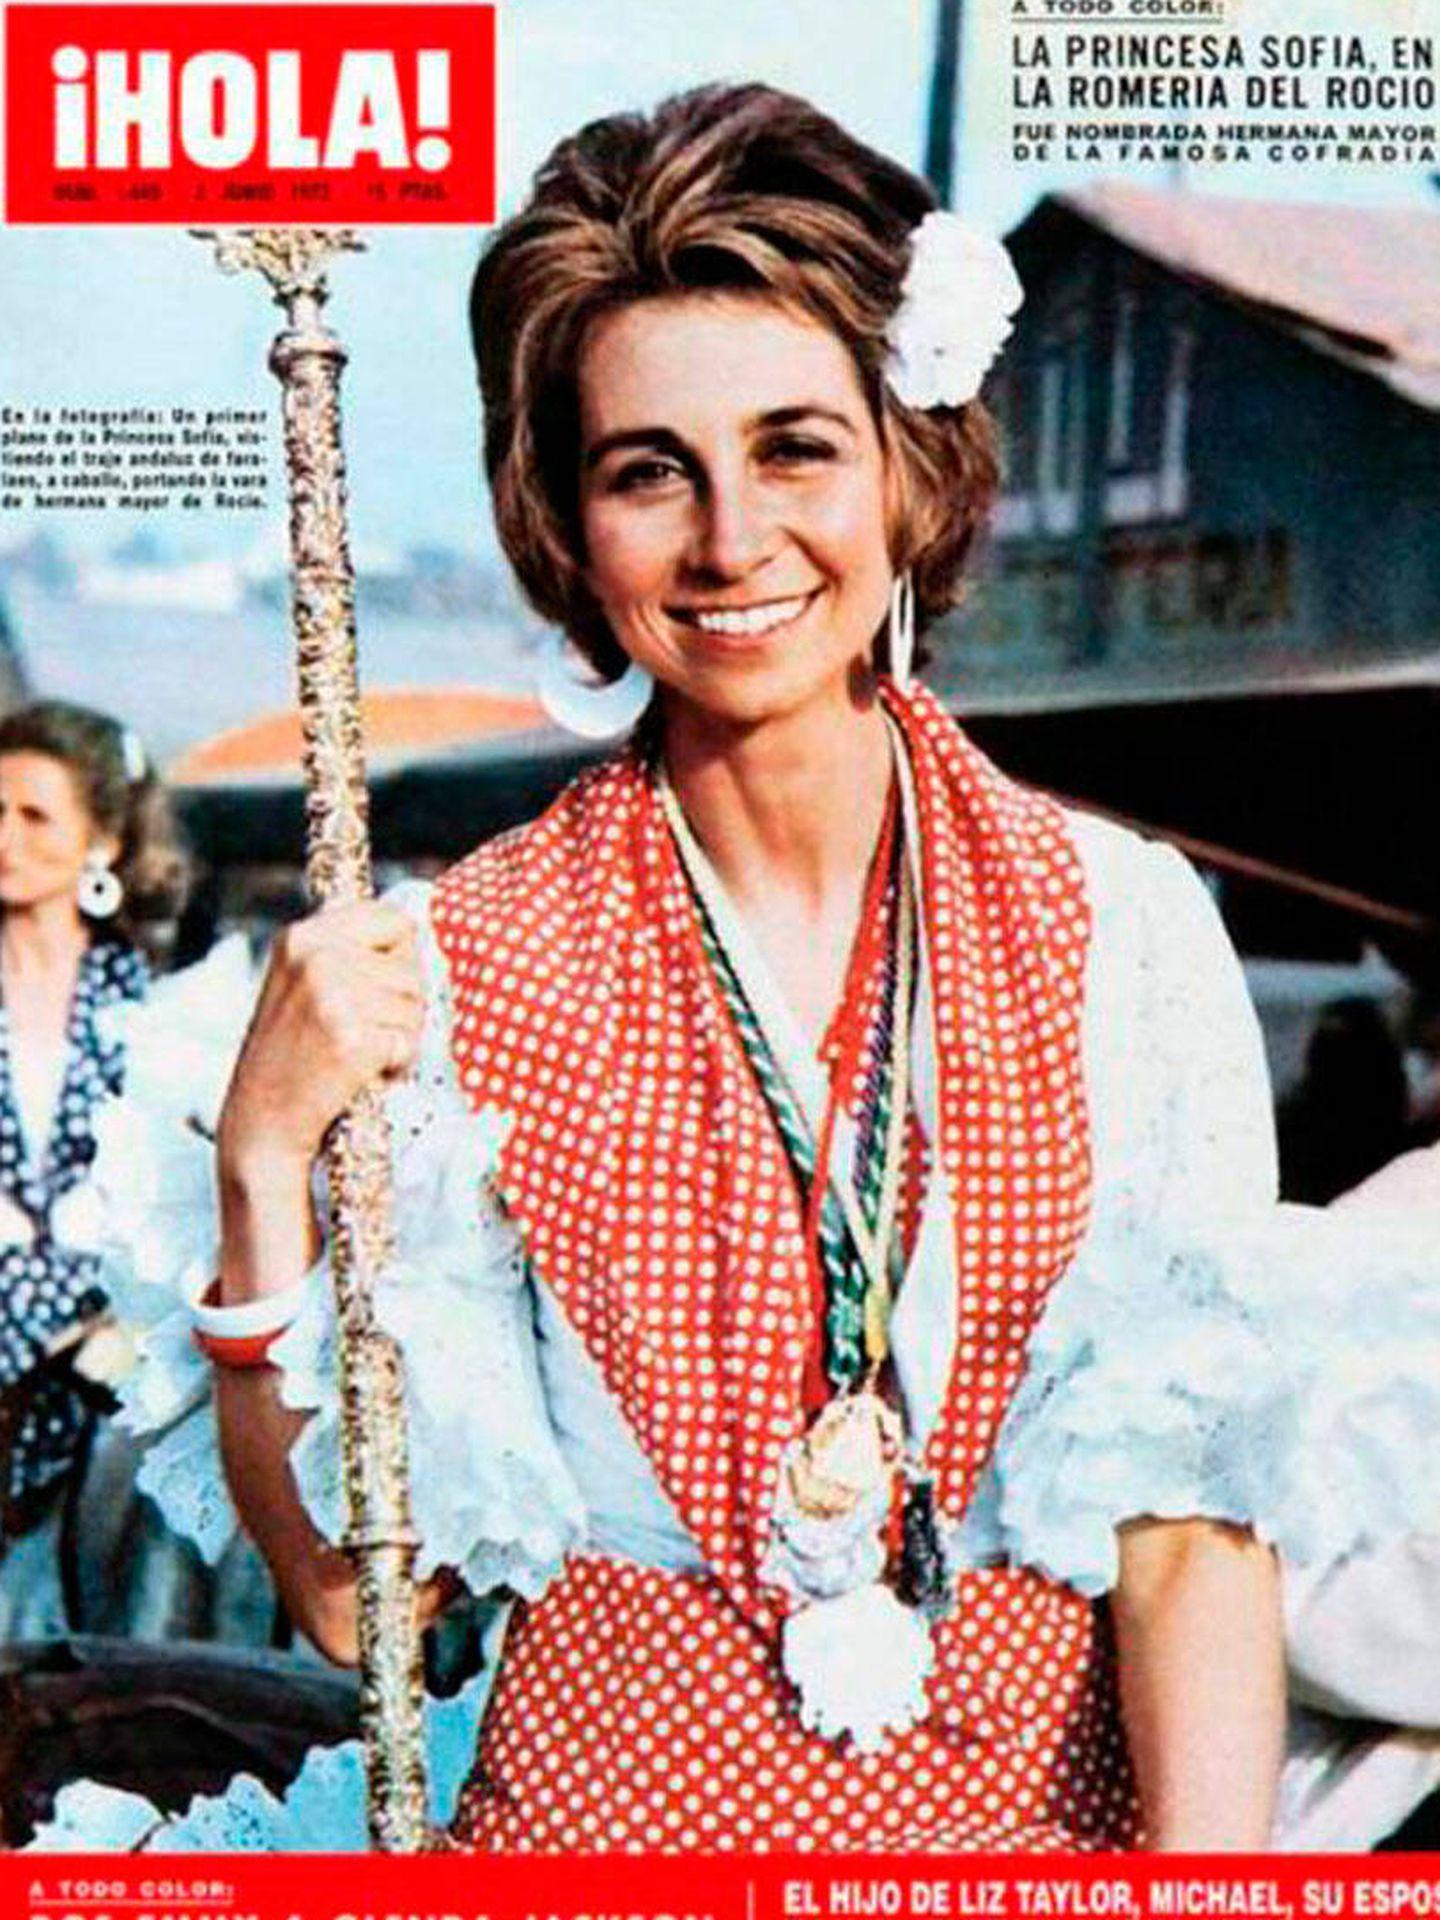 Portada de '¡Hola!' de la reina Sofía con un traje de Lina.